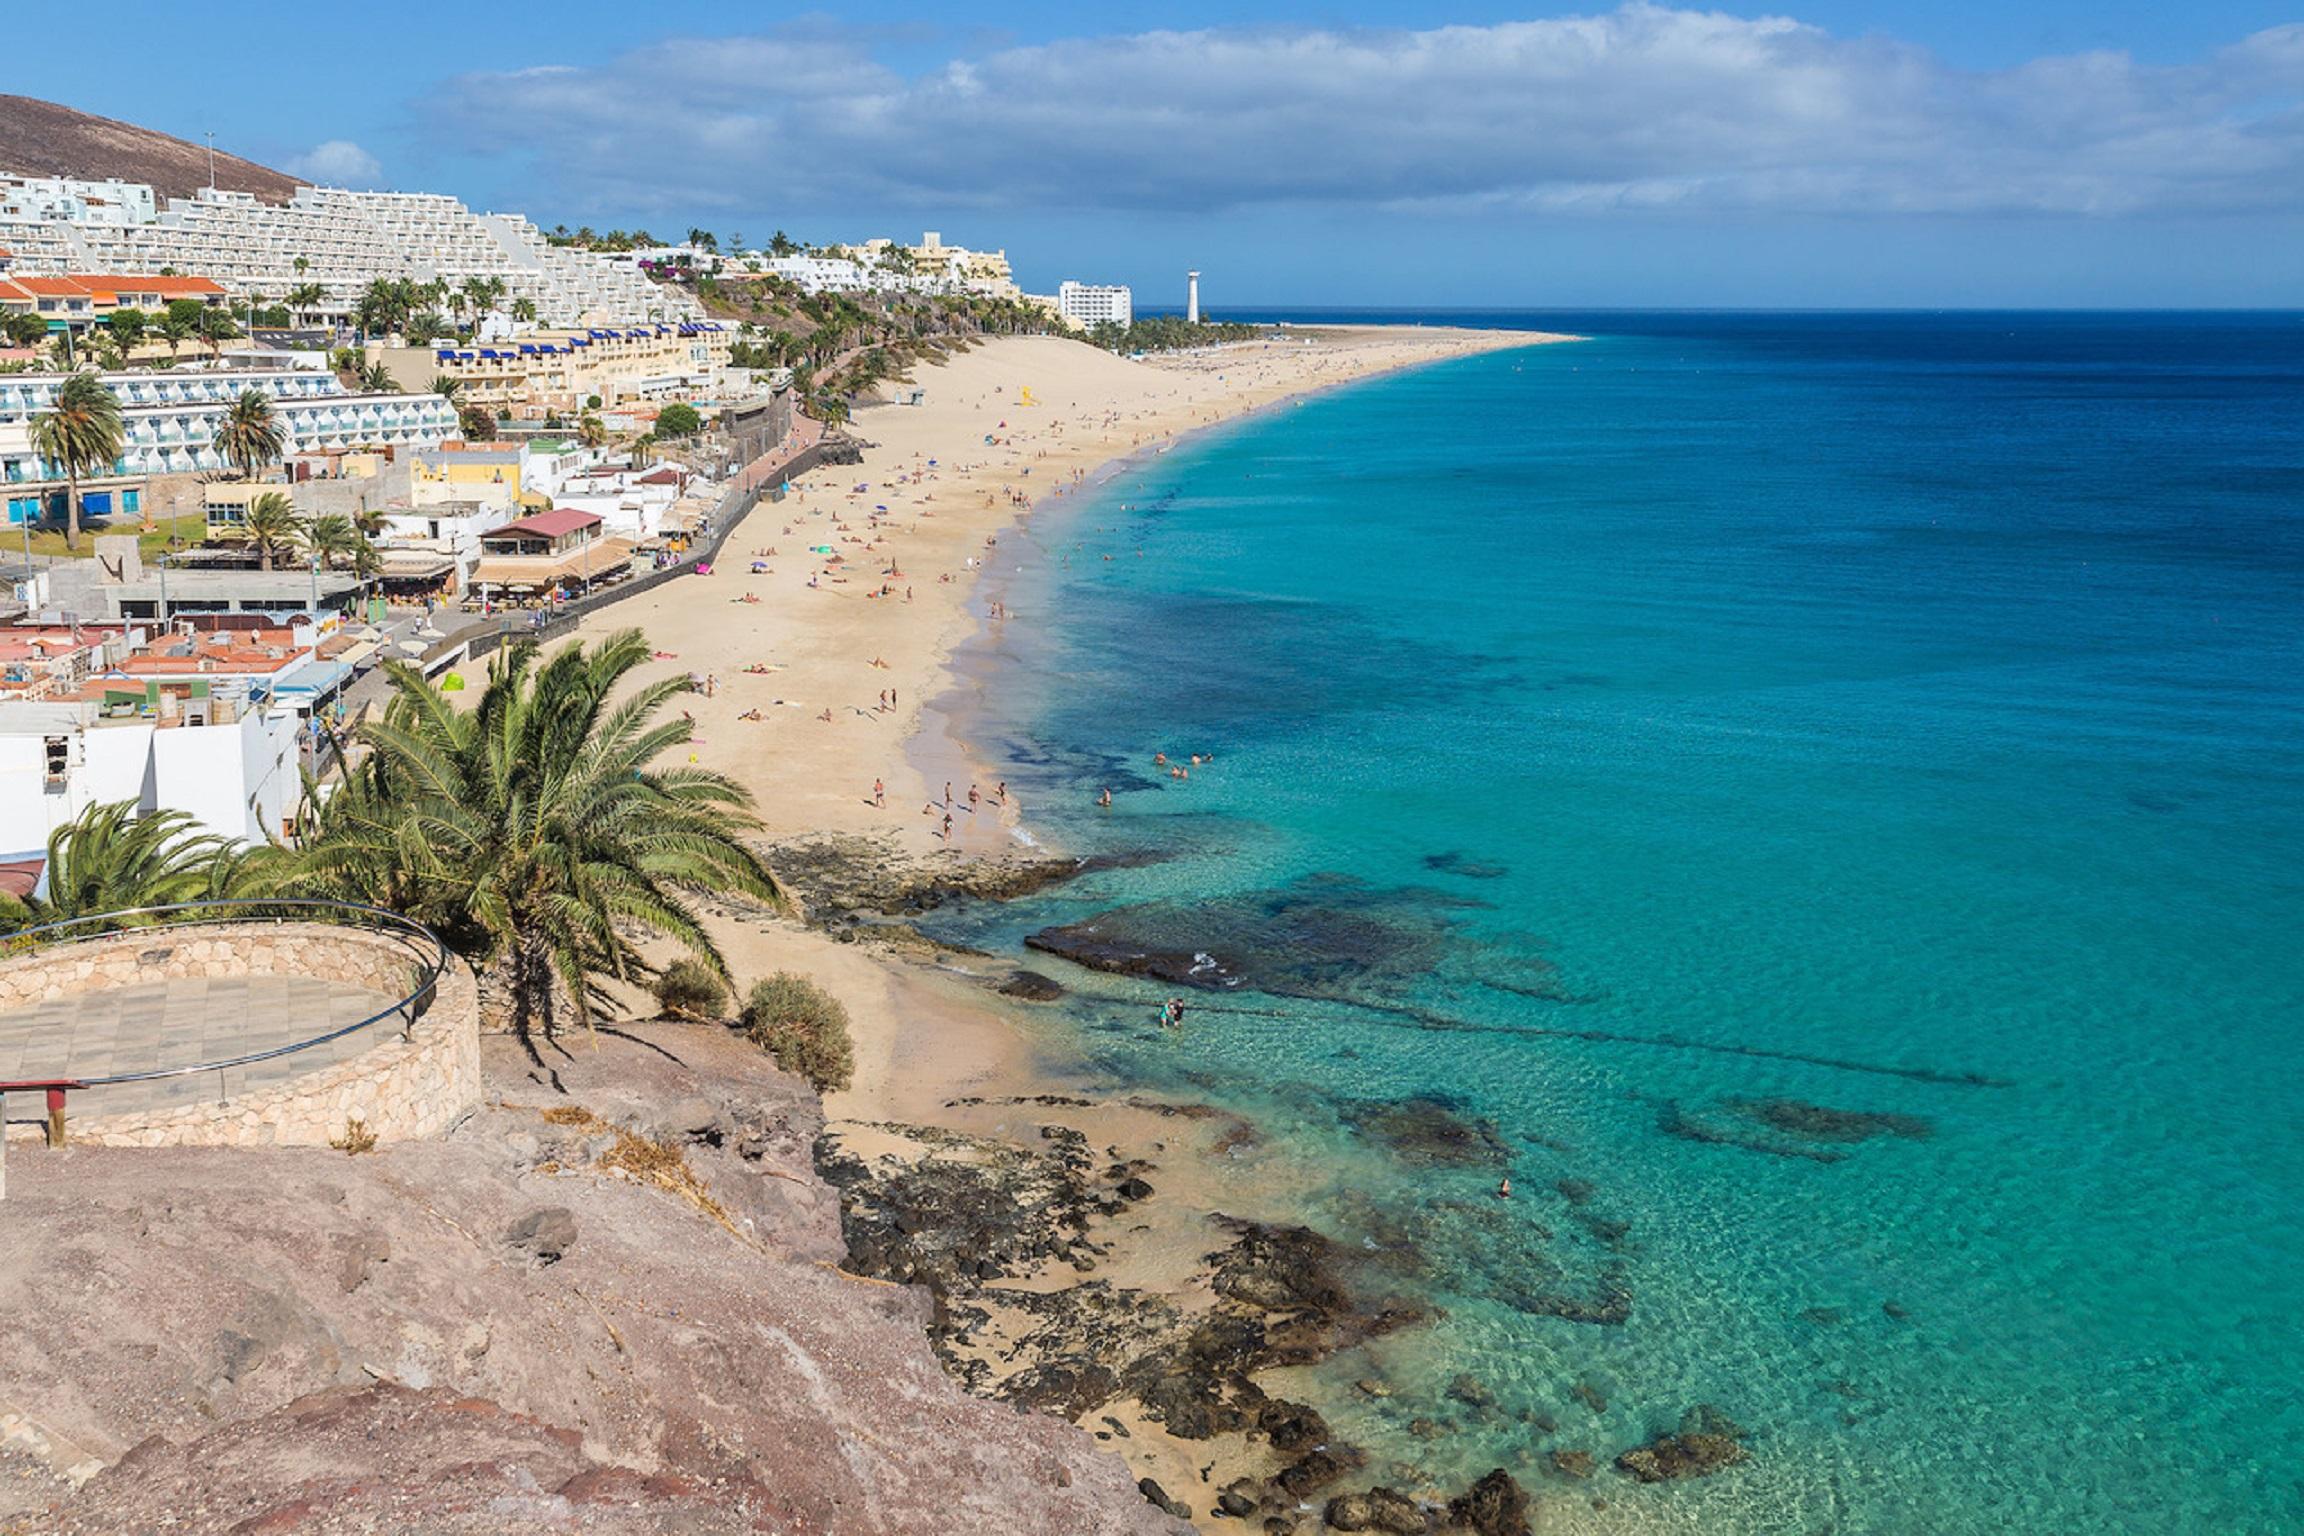 Ferienwohnung Apartment in Strandnhe mit groer Terrasse, Wlan und Parkplatz (2628896), Costa Calma, Fuerteventura, Kanarische Inseln, Spanien, Bild 1